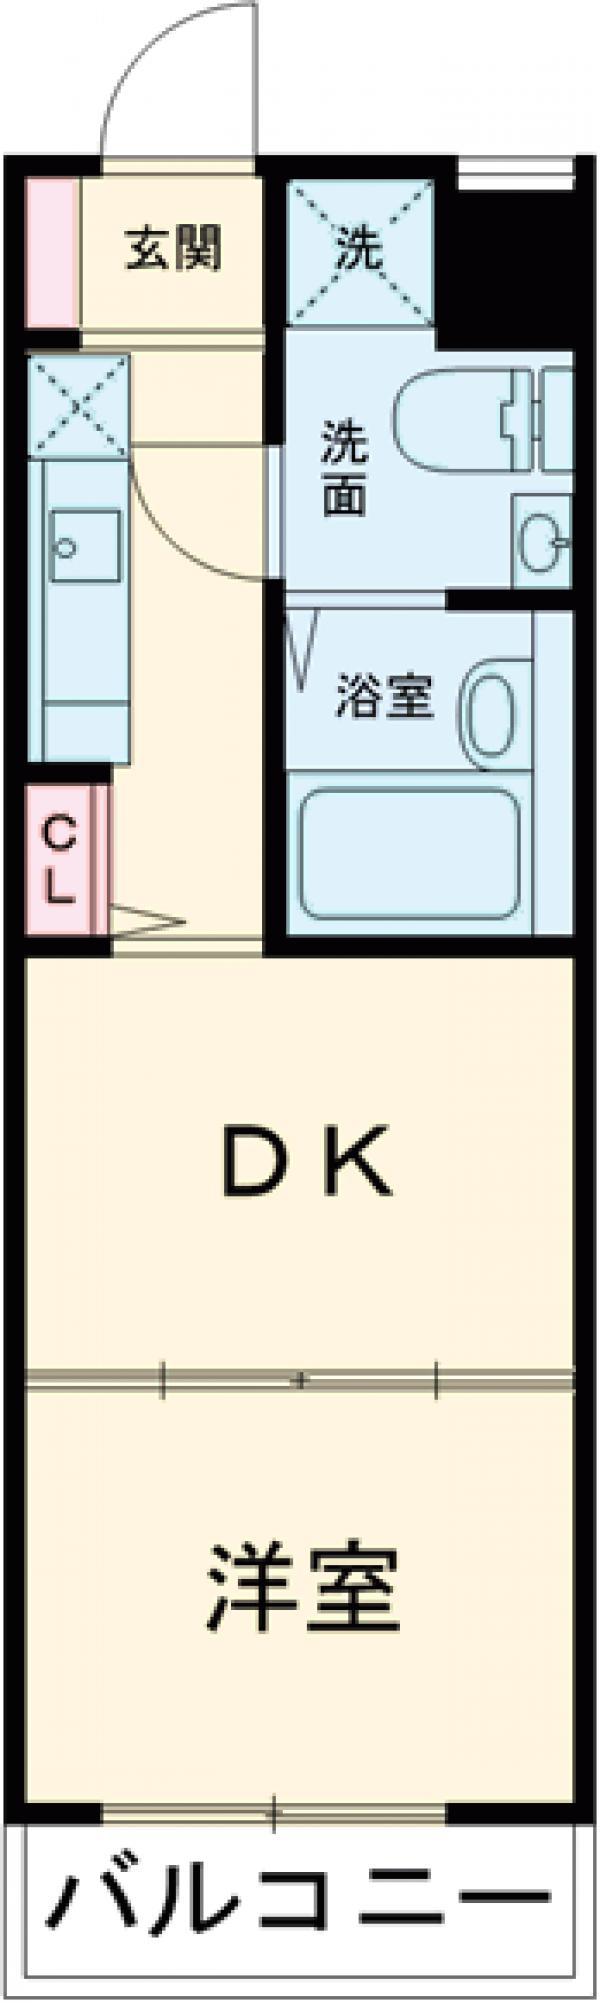 コルティーレ上北沢・307号室の間取り